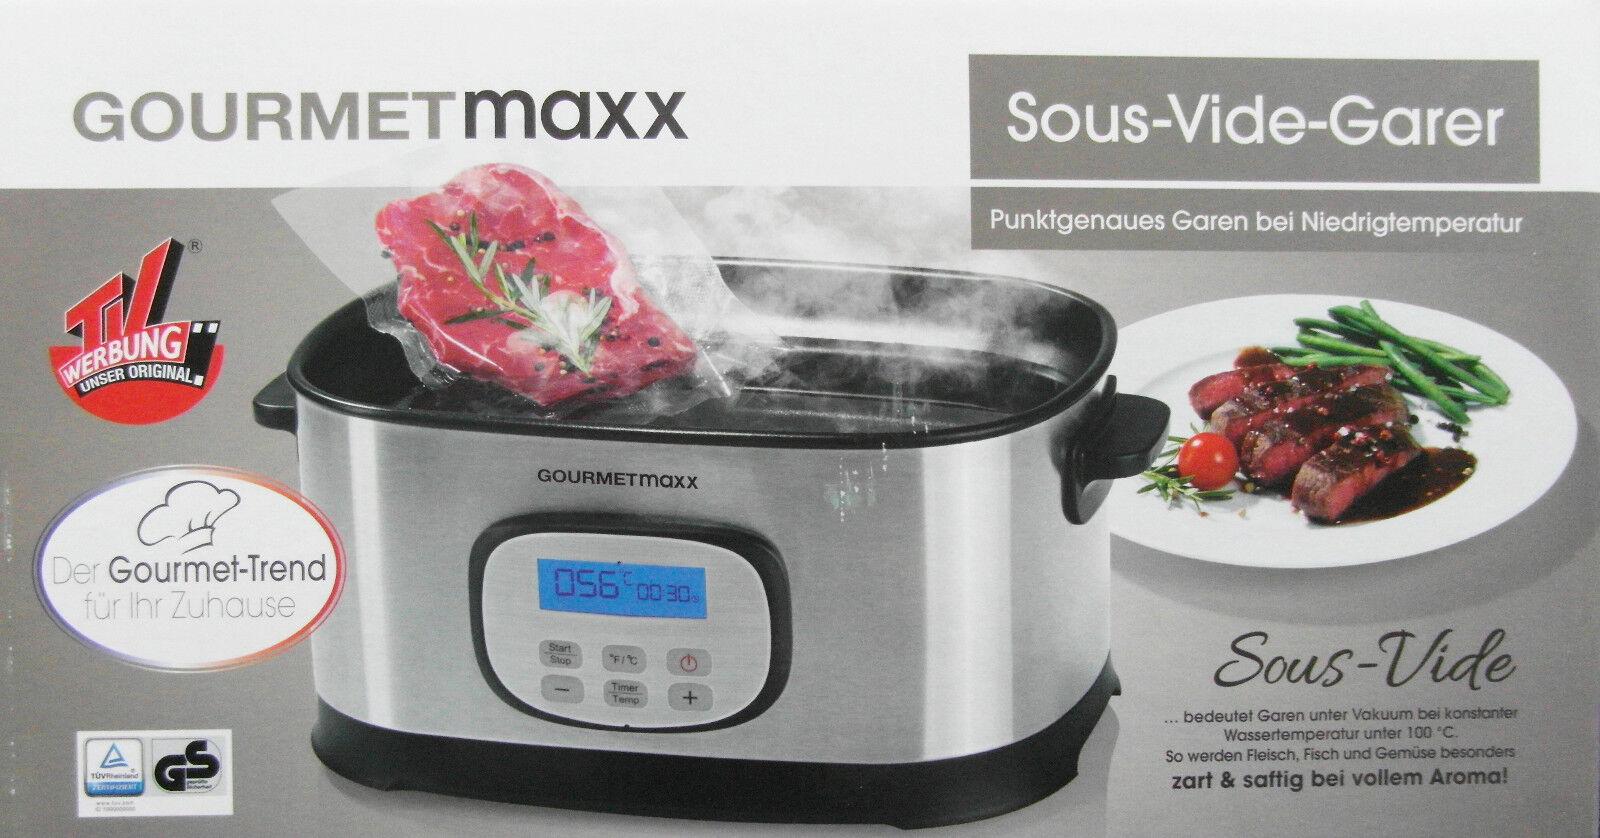 Gourmetmaxx Sous-Vide-Garer punktgenaues Garen bei Niedrigtemperatur Neu